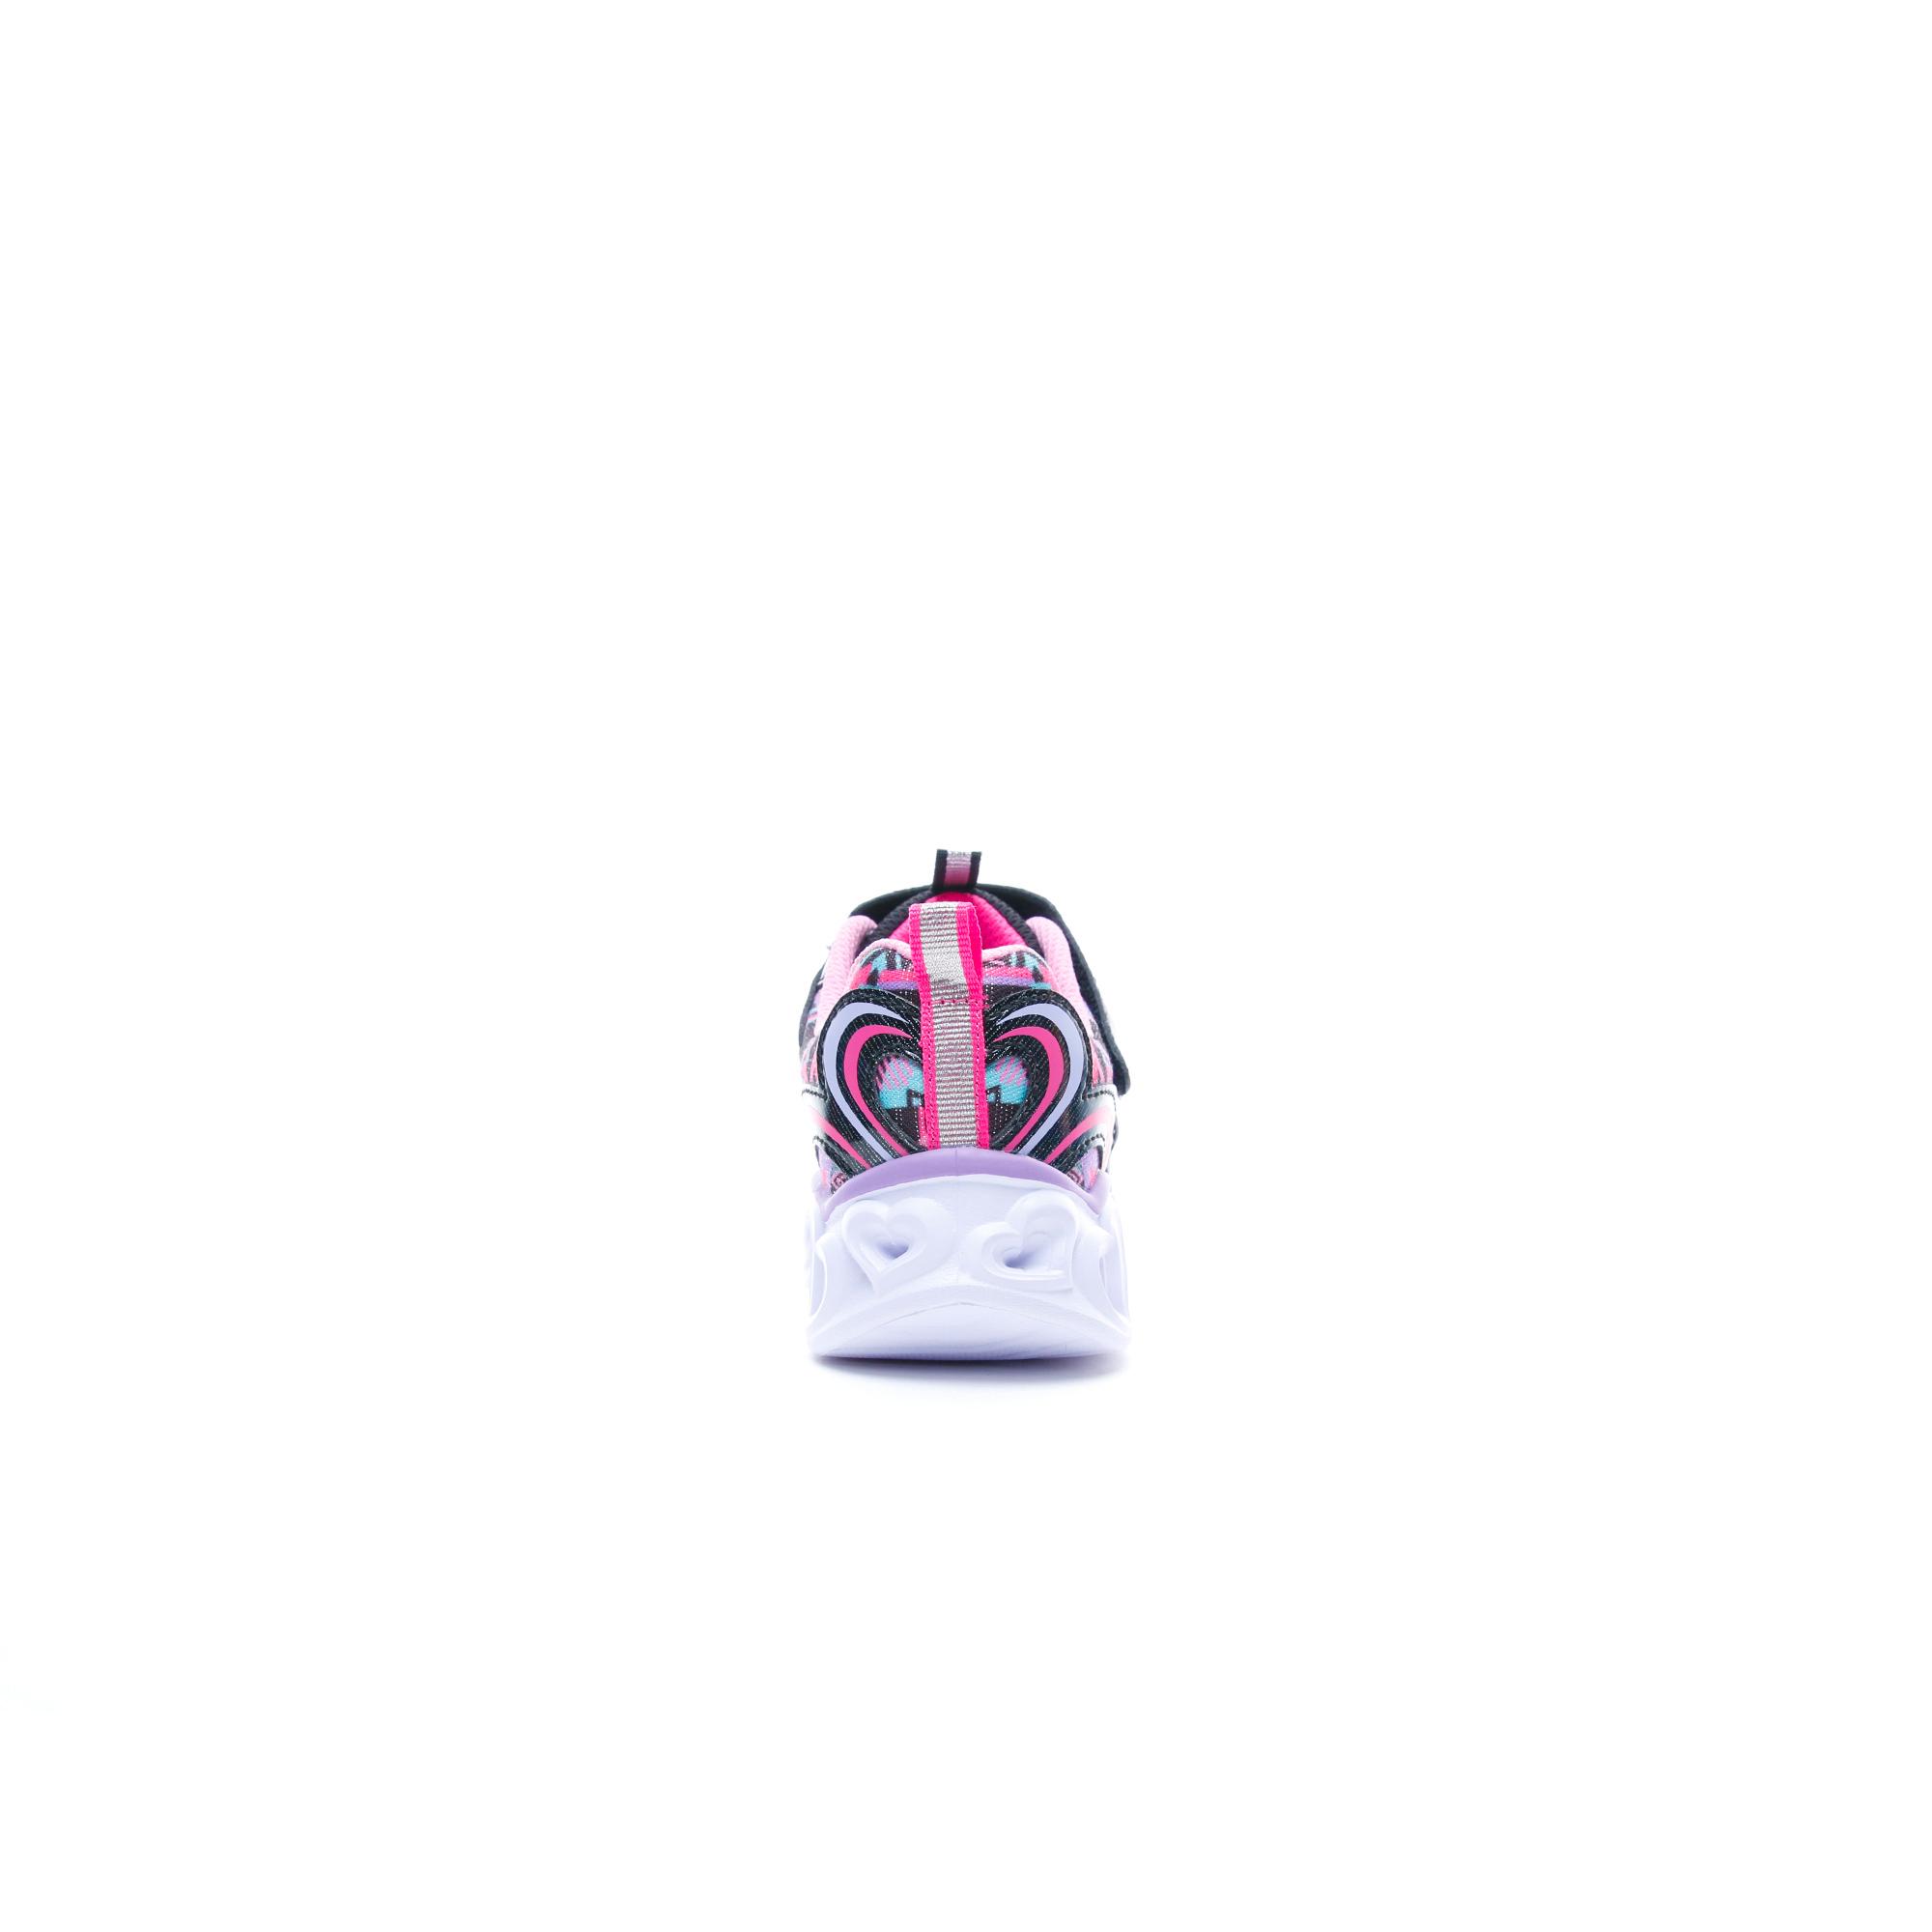 Skechers Heart Lights Işıklı Pembe Çocuk Spor Ayakkabı